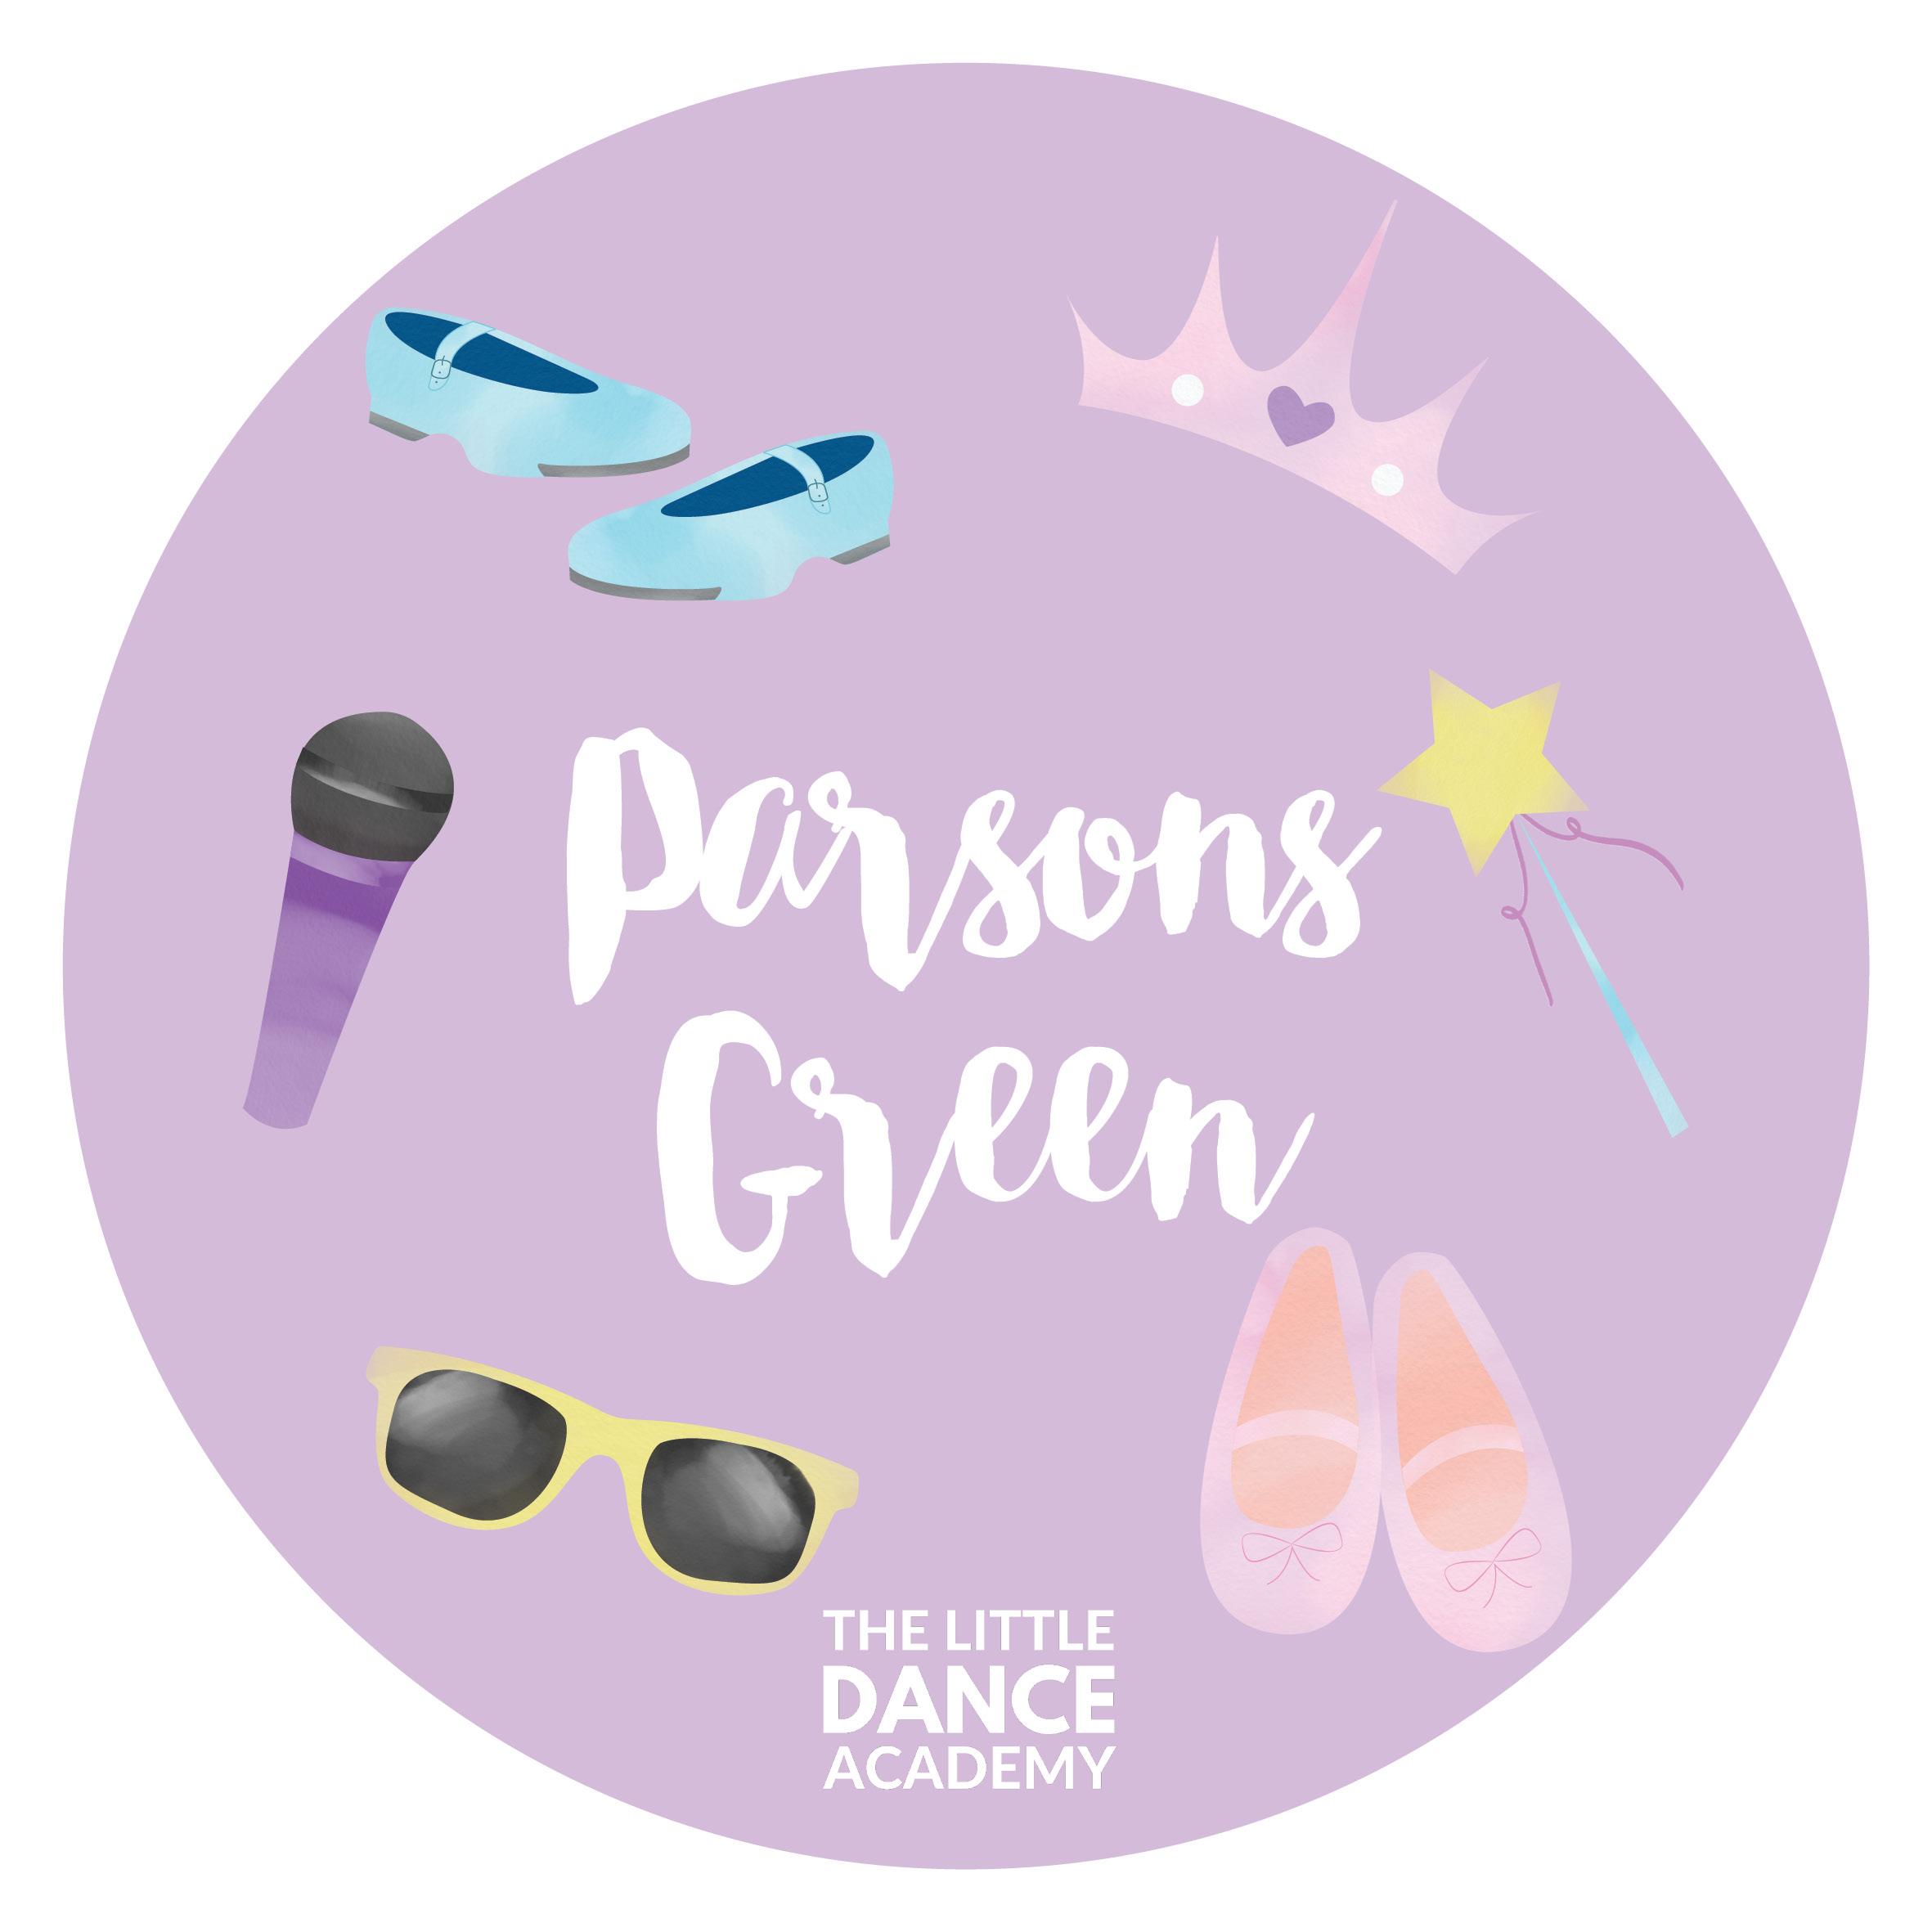 Parsons Green Party Venue